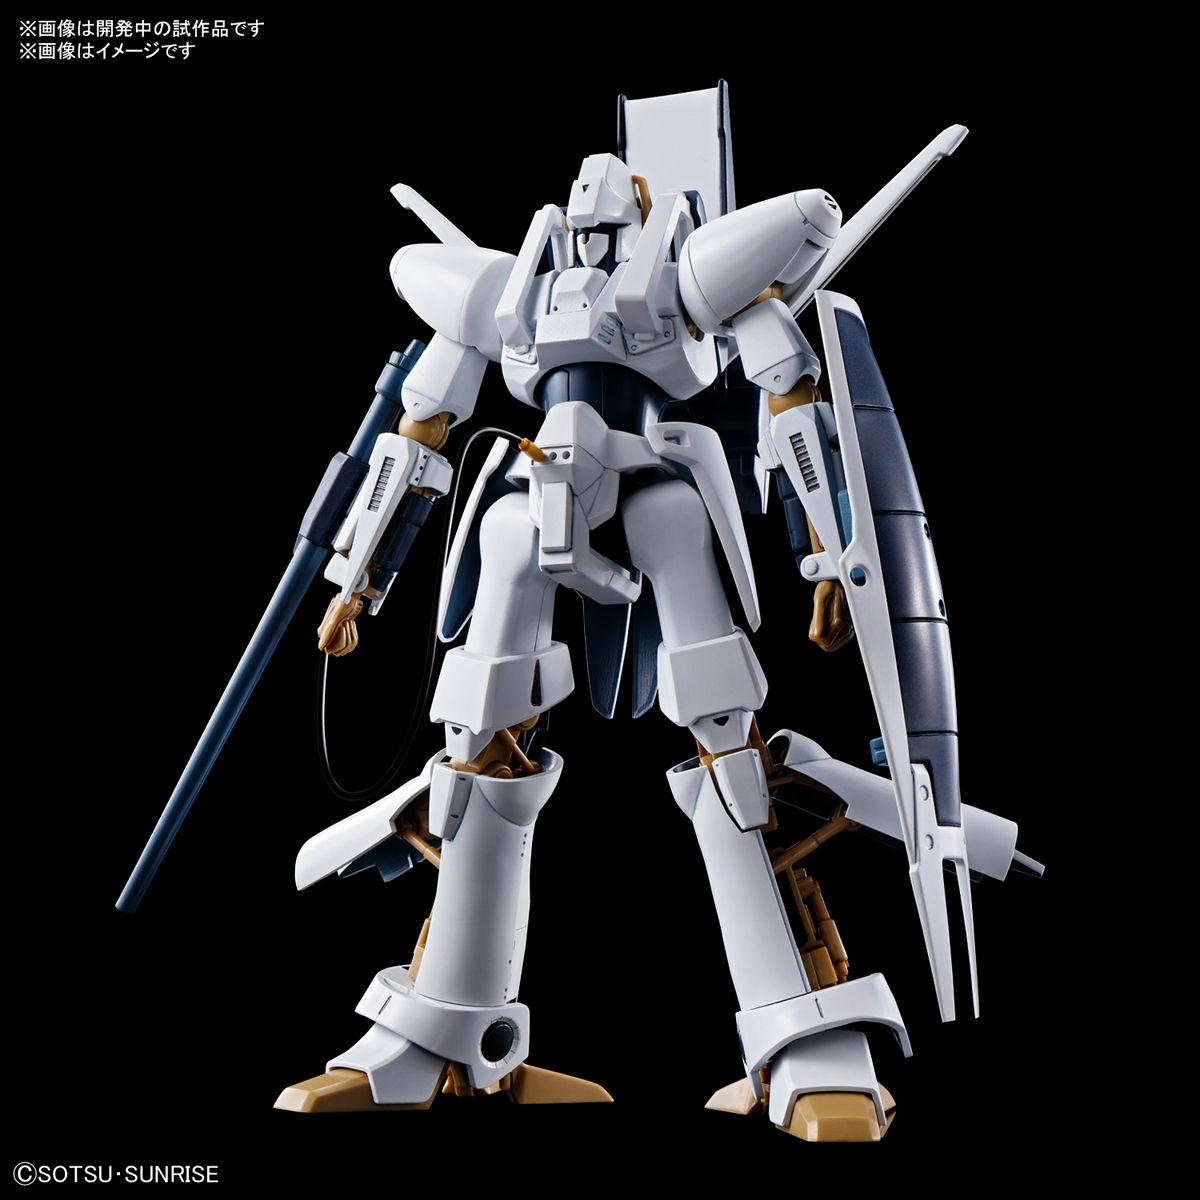 HG 1/144『エルガイム』重戦機エルガイム プラモデル-003